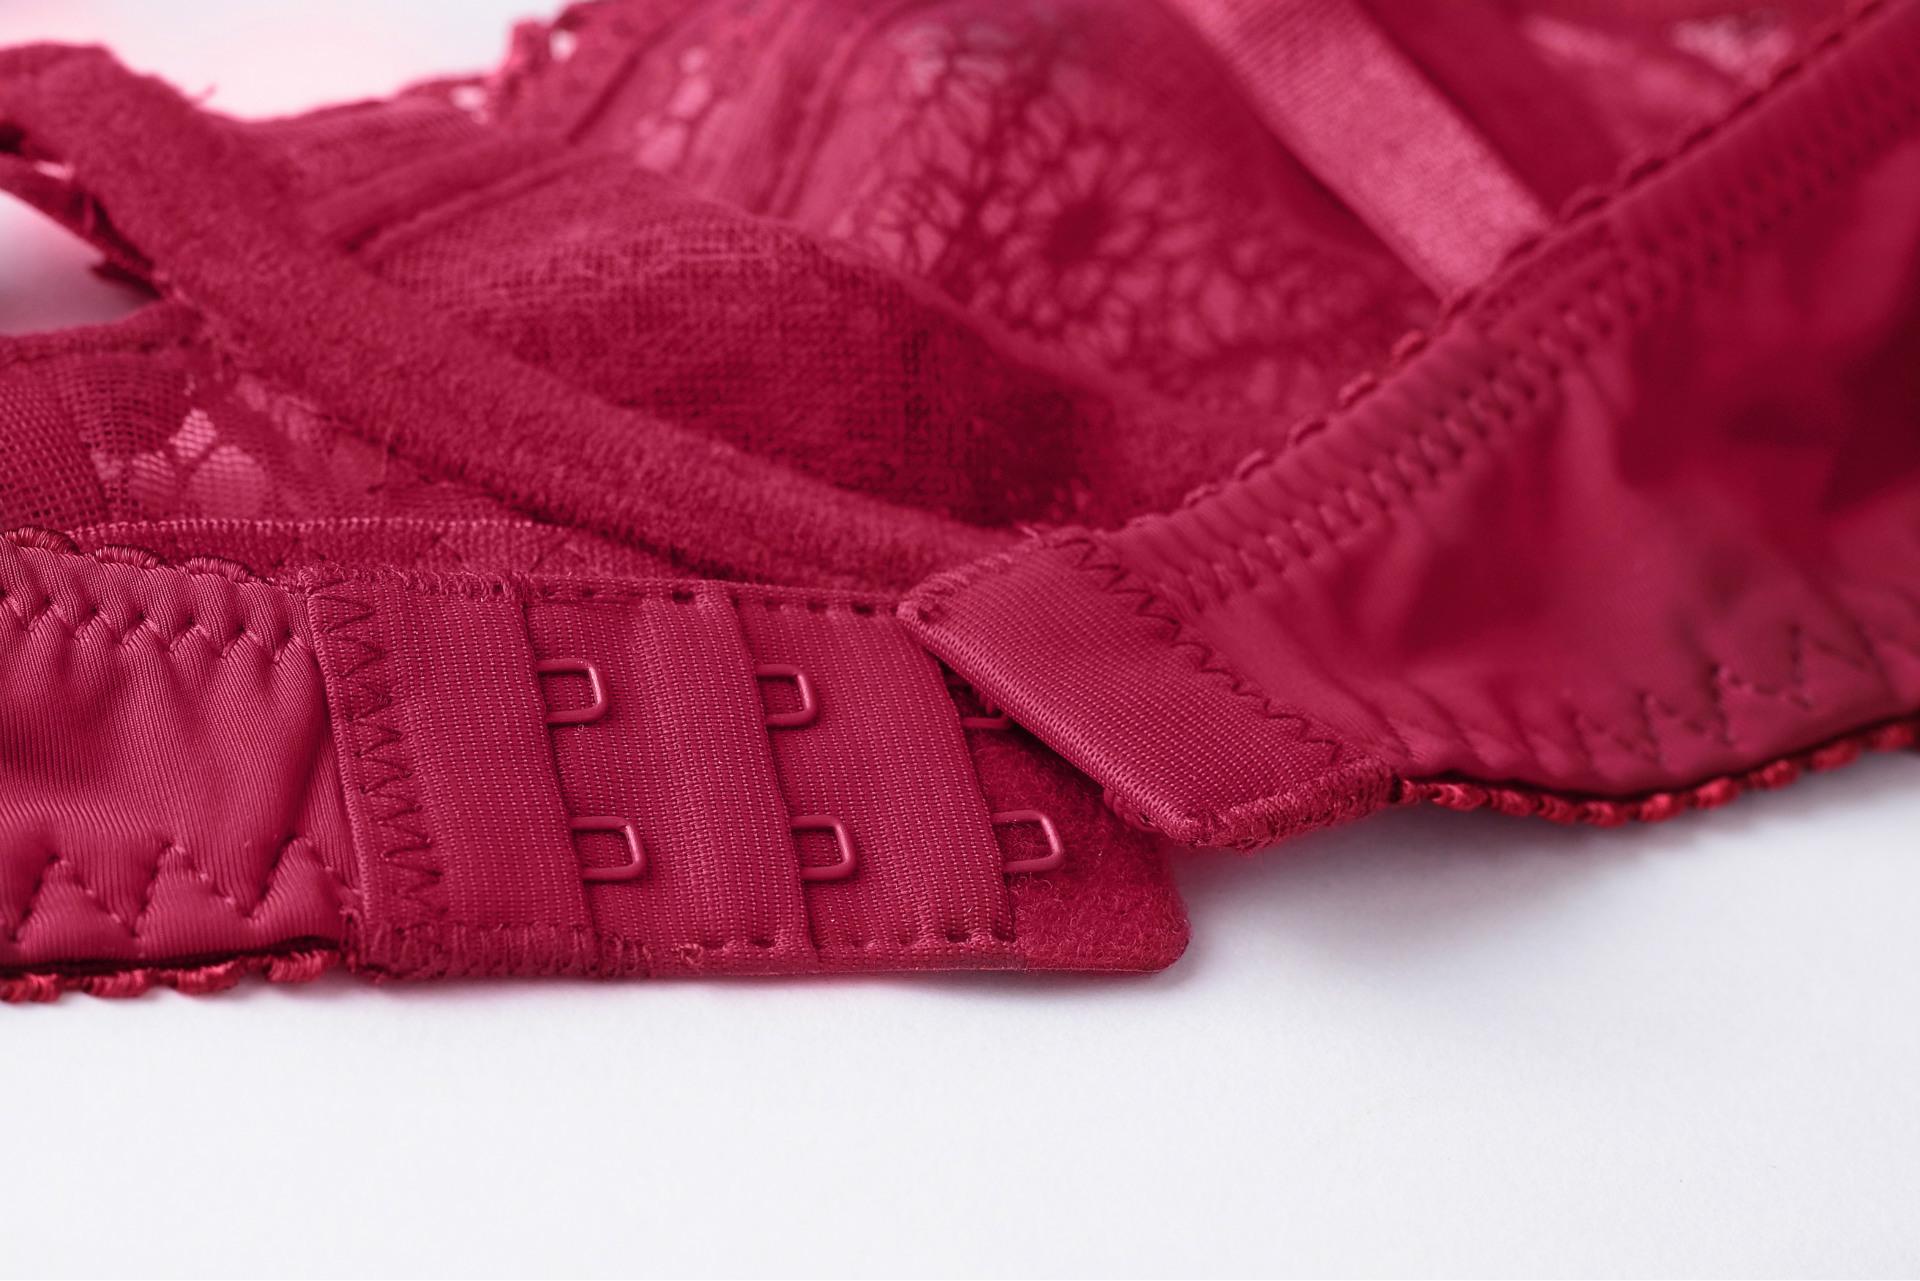 bras and underwear sets